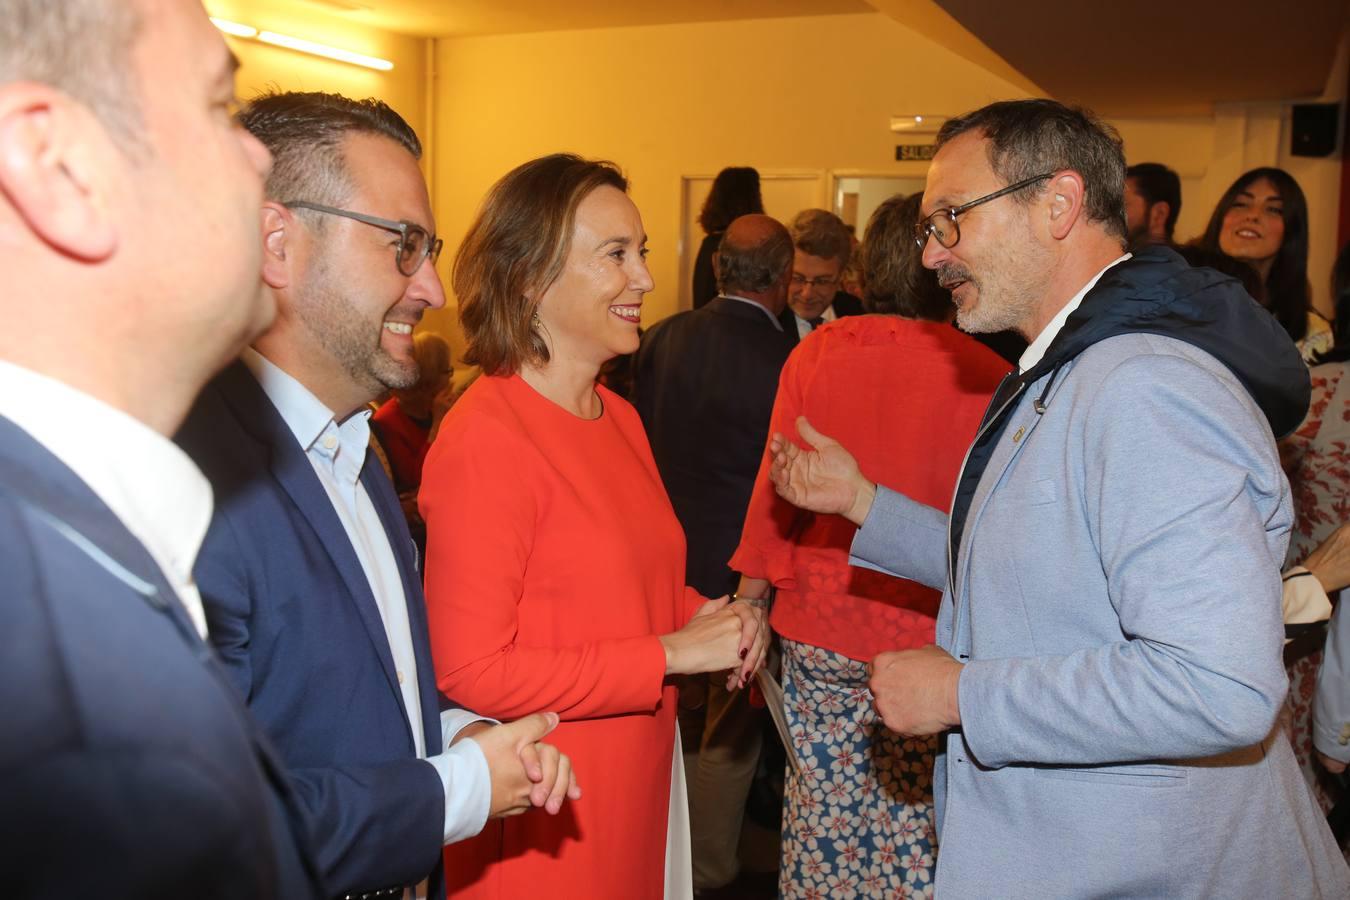 Hermoso de Mendoza, nuevo alcalde de Logroño: el ambiente (2 de 3)